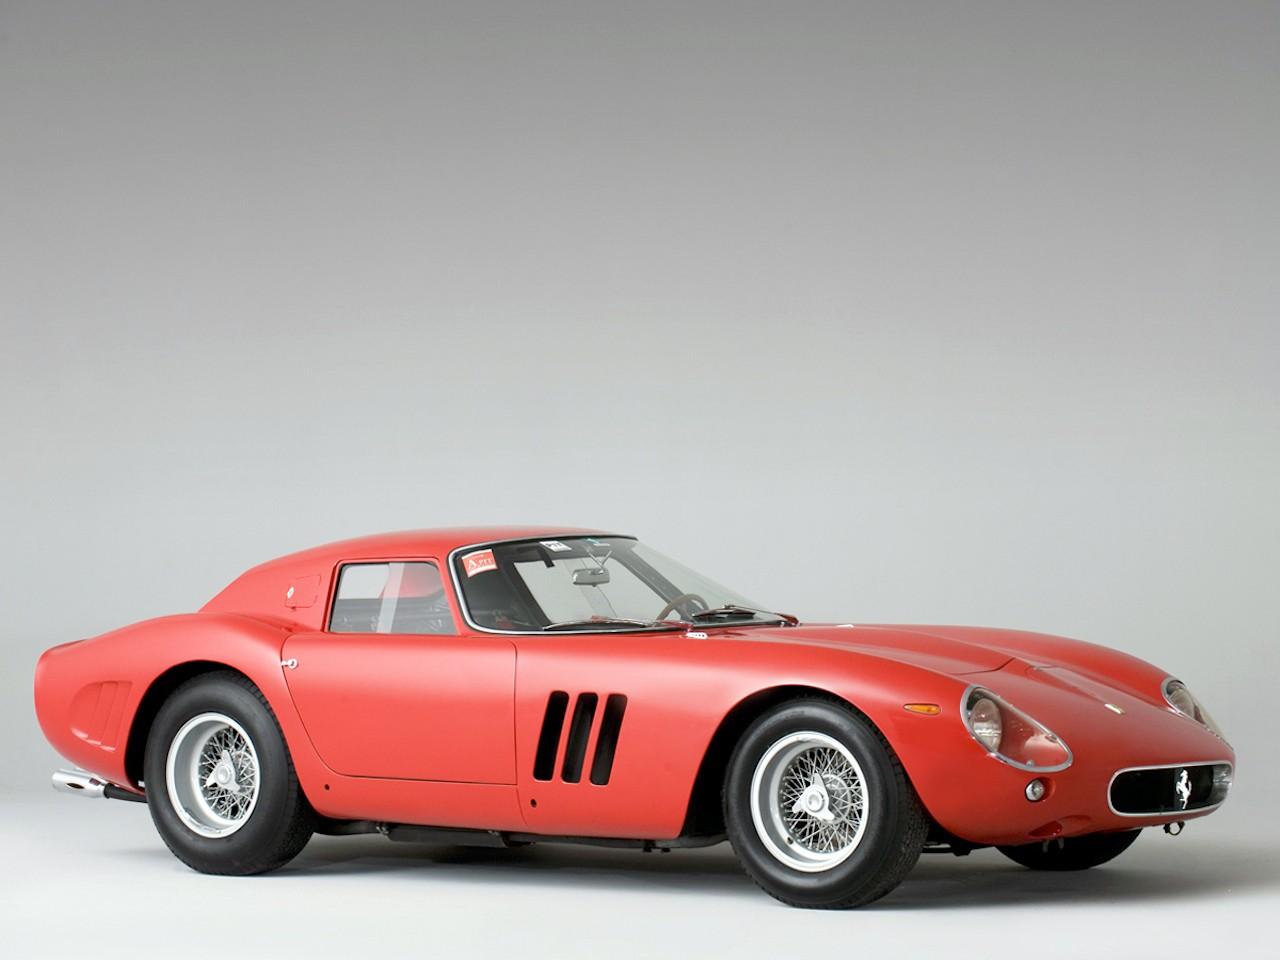 Ferrari 250 GTO I 1962 - 1964 Coupe #6